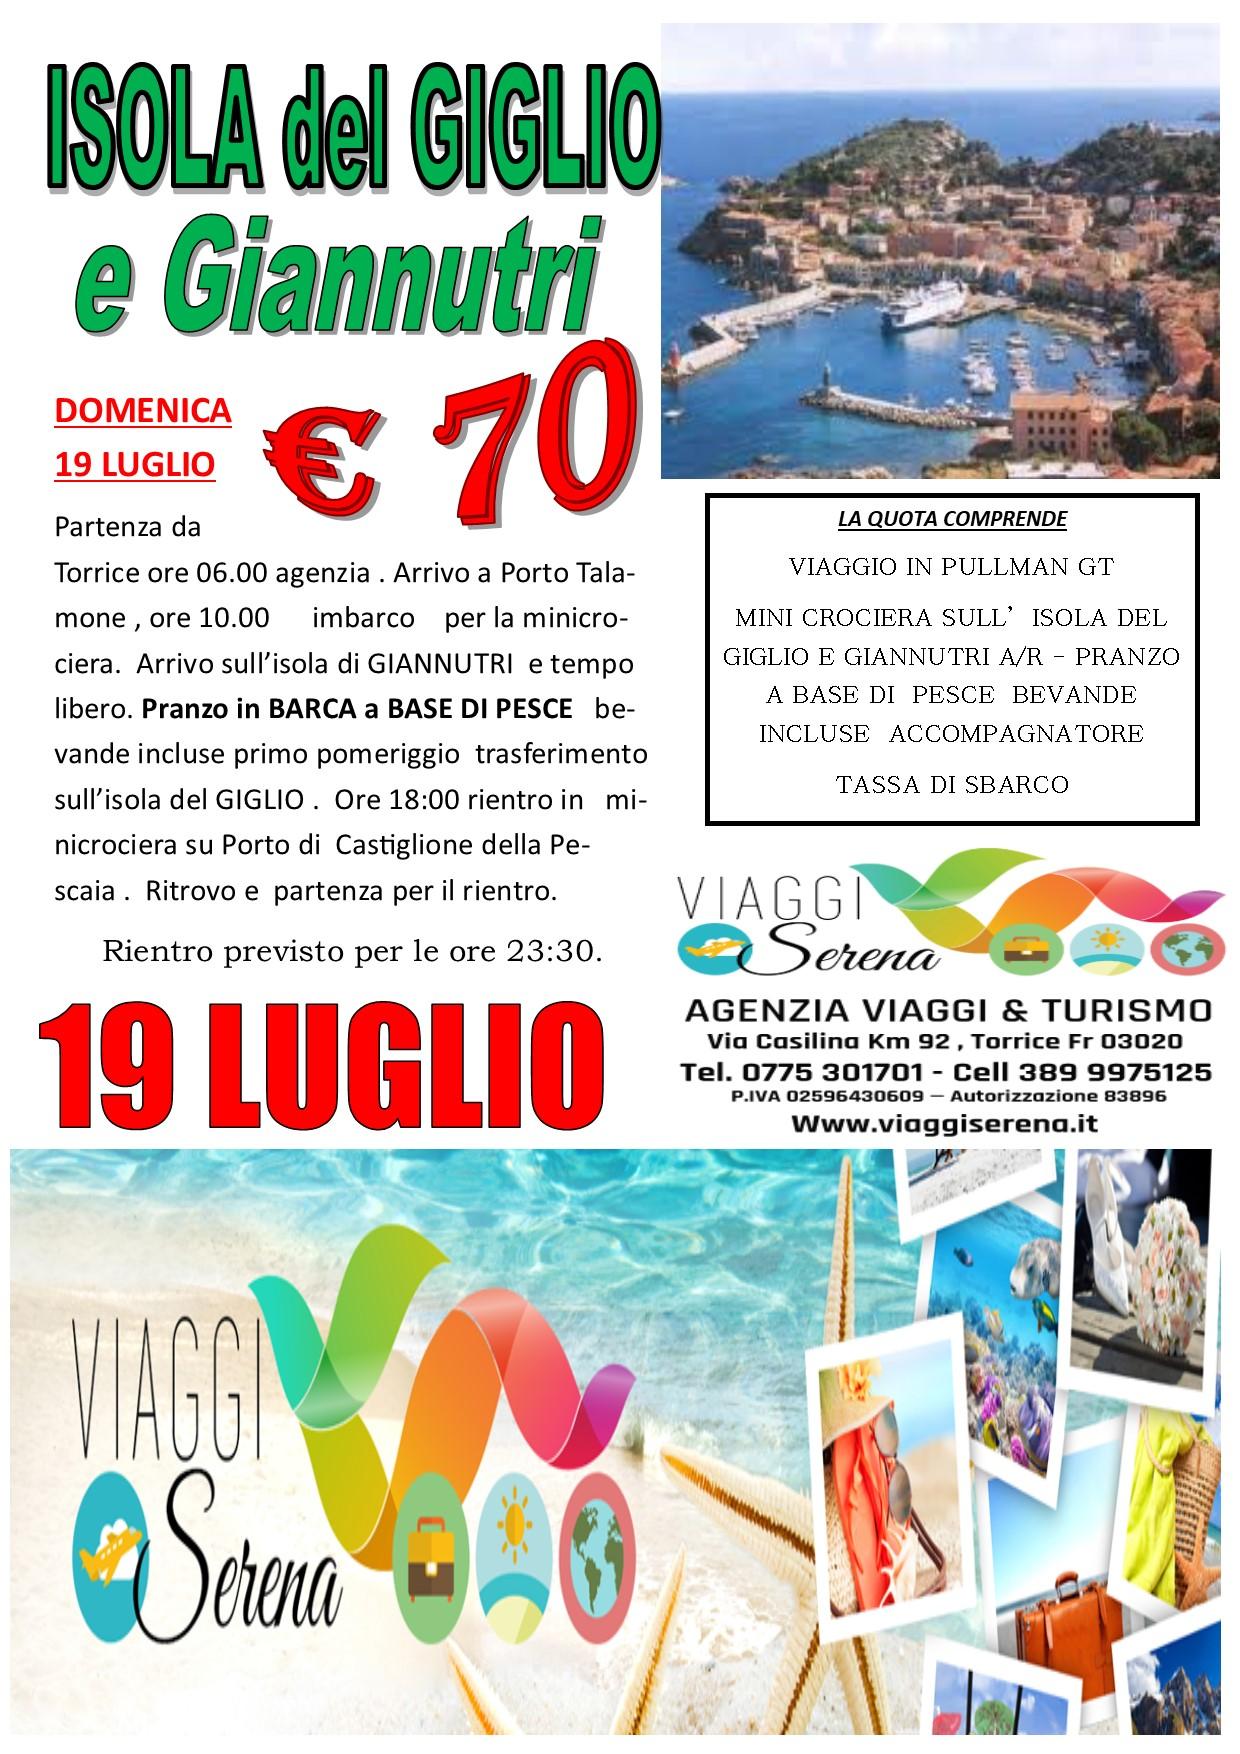 Viaggi di Gruppo: Minicrociera Isola del GIGLIO & Isola di Giannutri 19 Luglio  €70,00